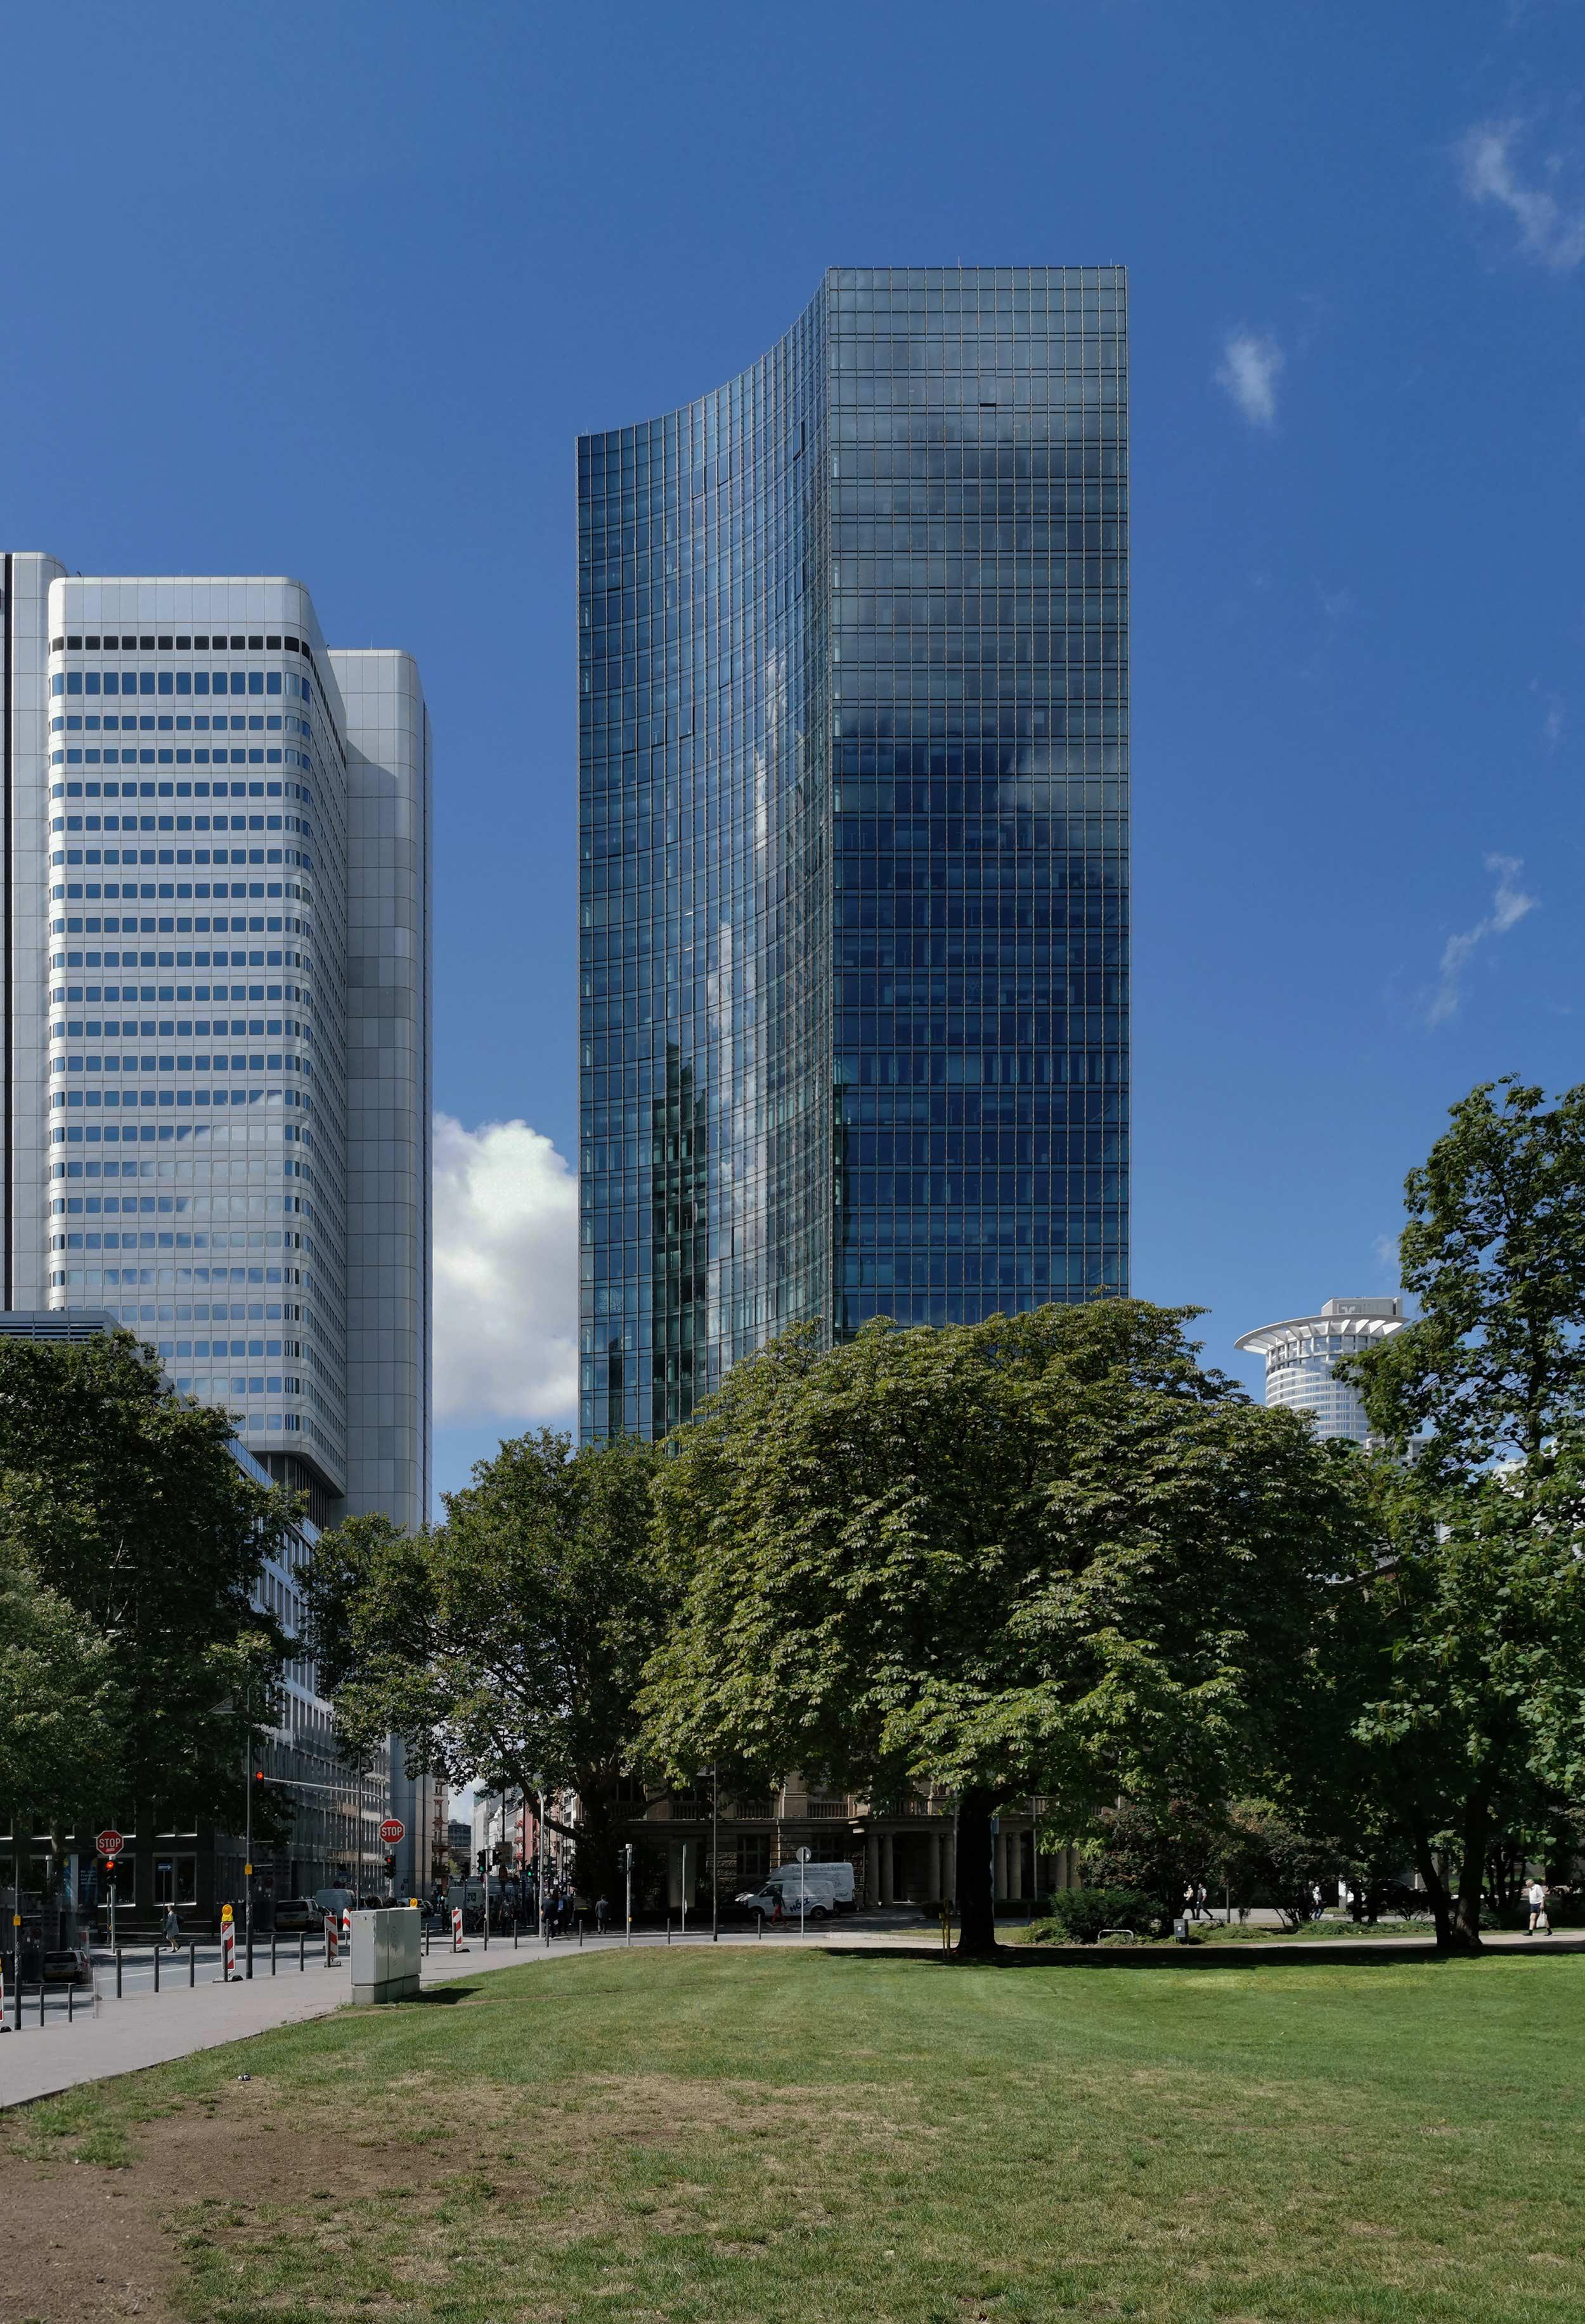 SKYPER Hochhaus in Frankfurt - Foto hochauflösend - Highres Bild in hoher Qualität - Modernes Glashochhaus - SKYPER Tower